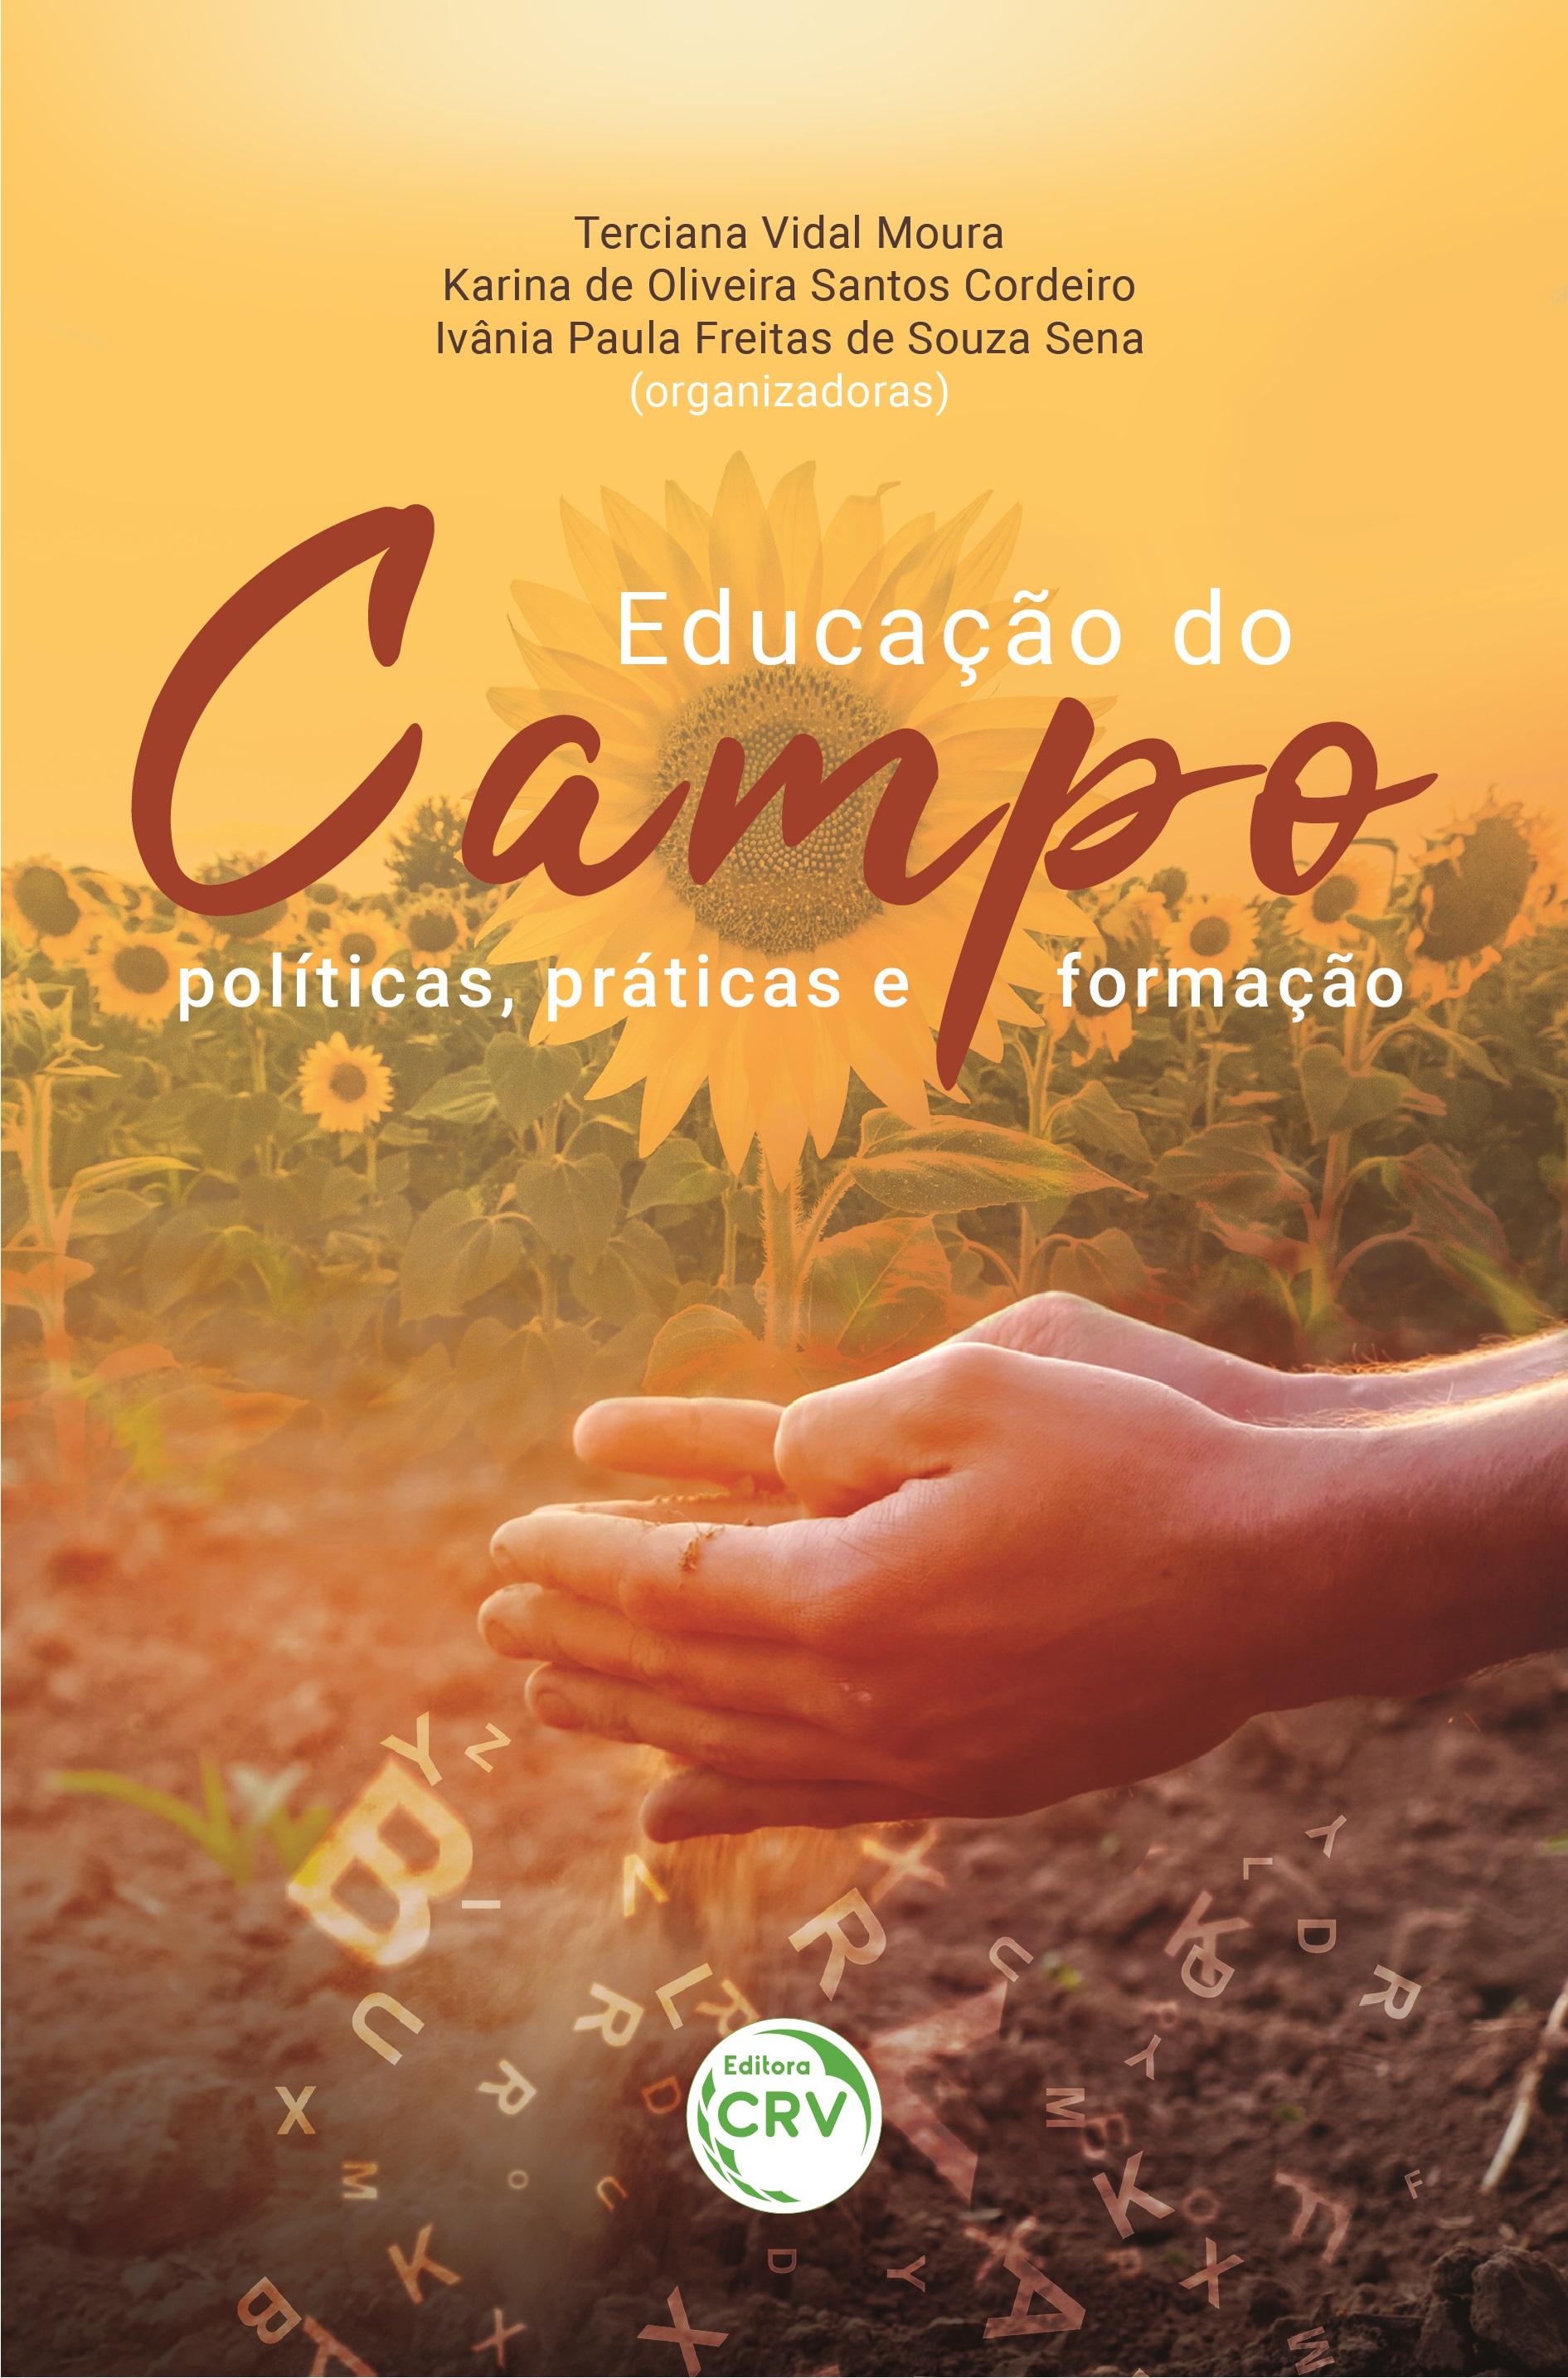 Capa do livro: EDUCAÇÃO DO CAMPO: <br>políticas, práticas e formação